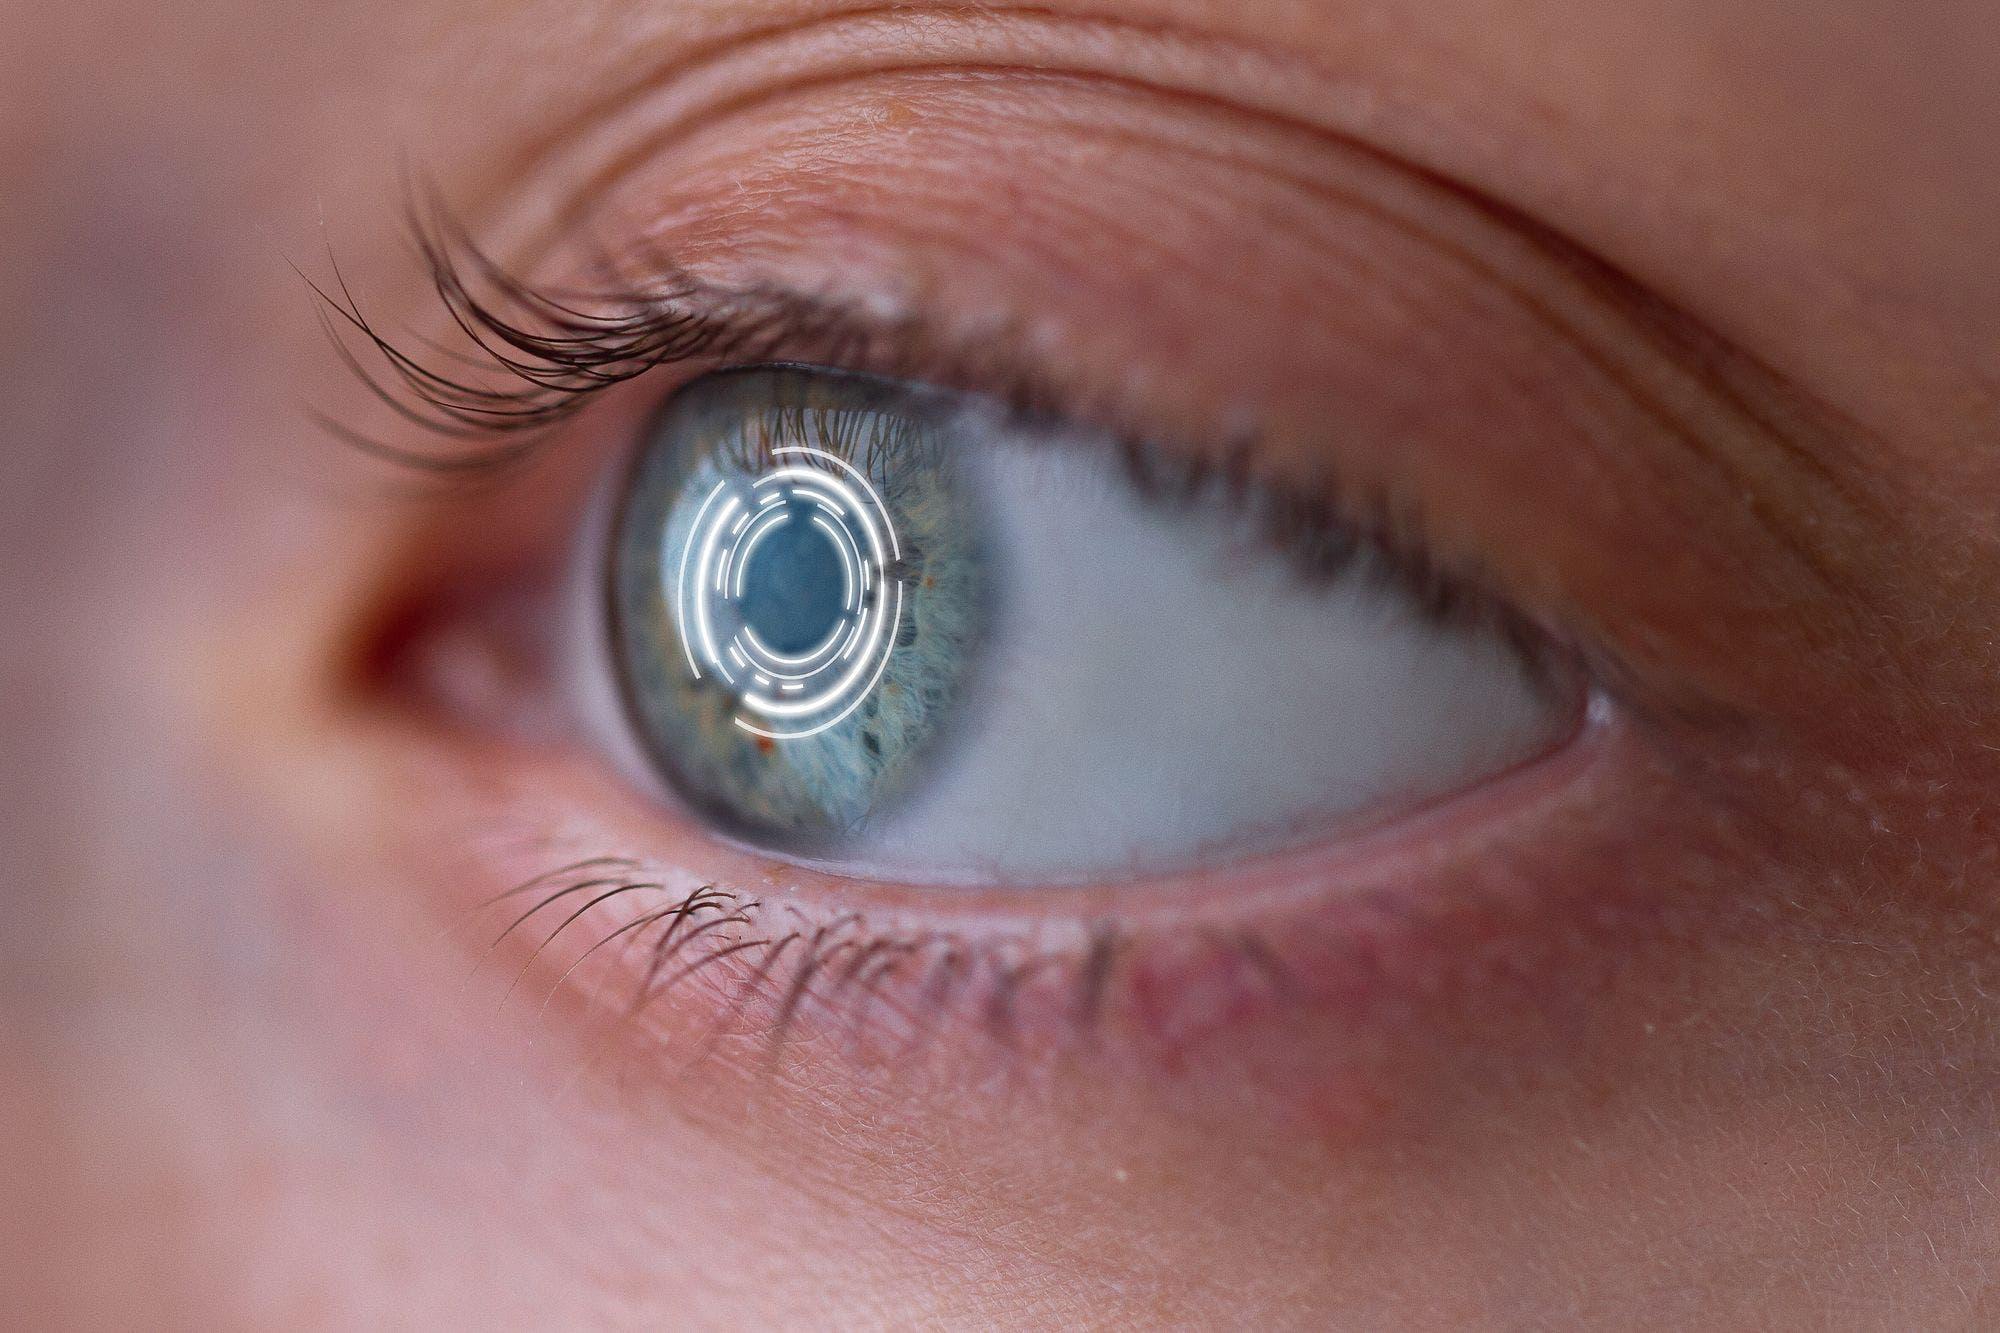 Crean un ojo robótico que funciona con energía solar y replica la retina humana